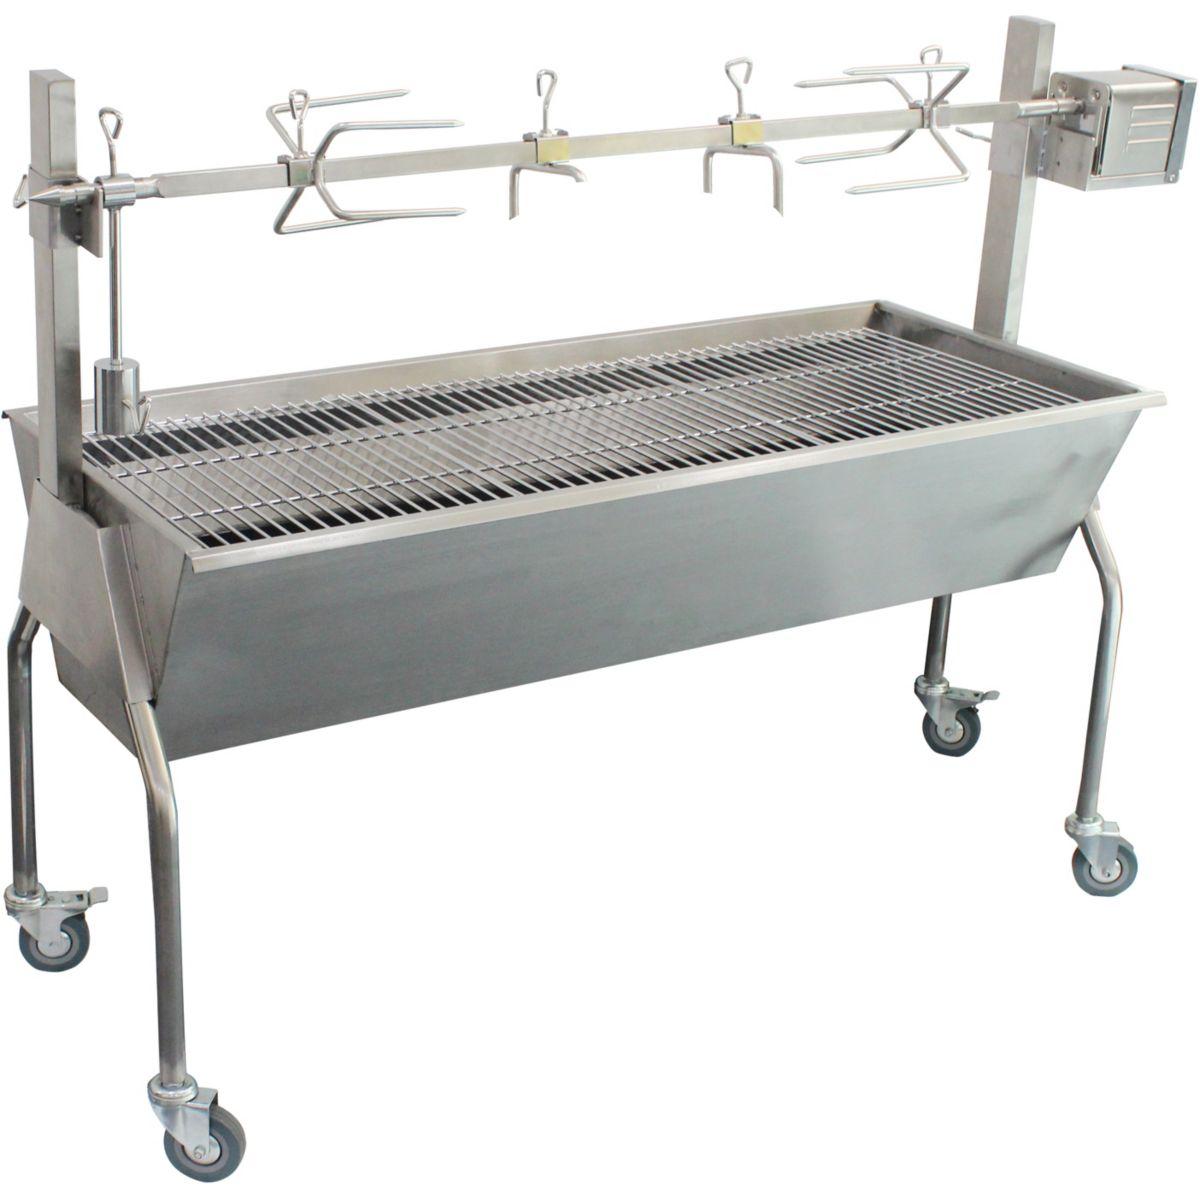 Barbecue charbon KALORIK TKG GRB 1001 rotissoire électrique